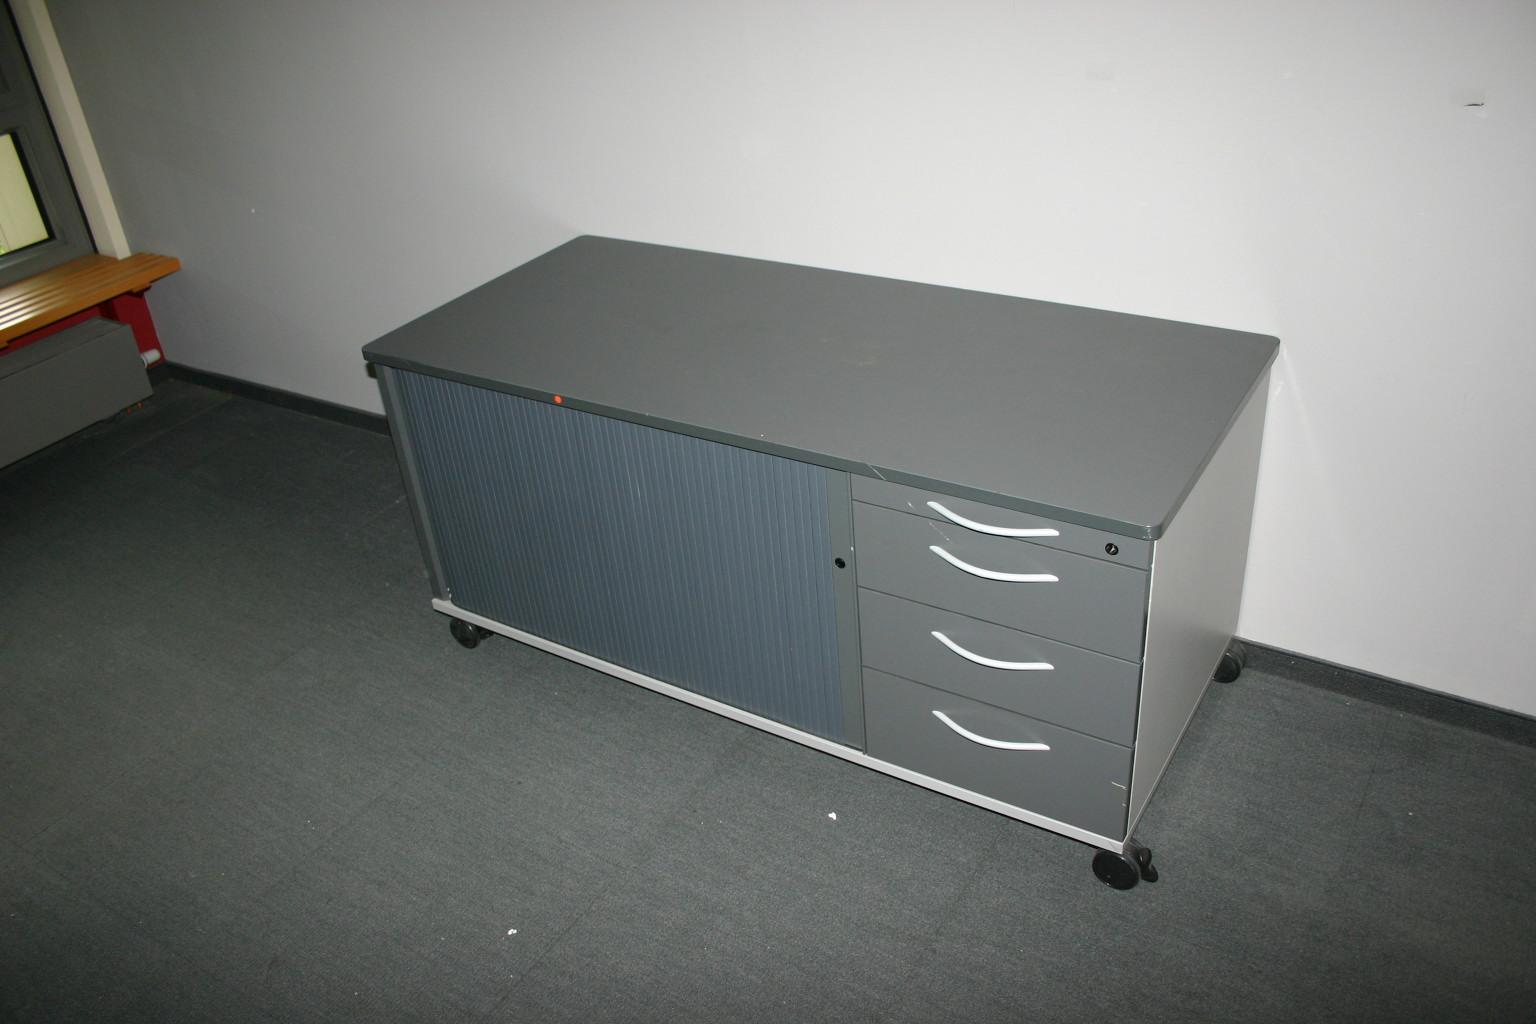 rollbares sideboard in anthrazit von werndl. Black Bedroom Furniture Sets. Home Design Ideas